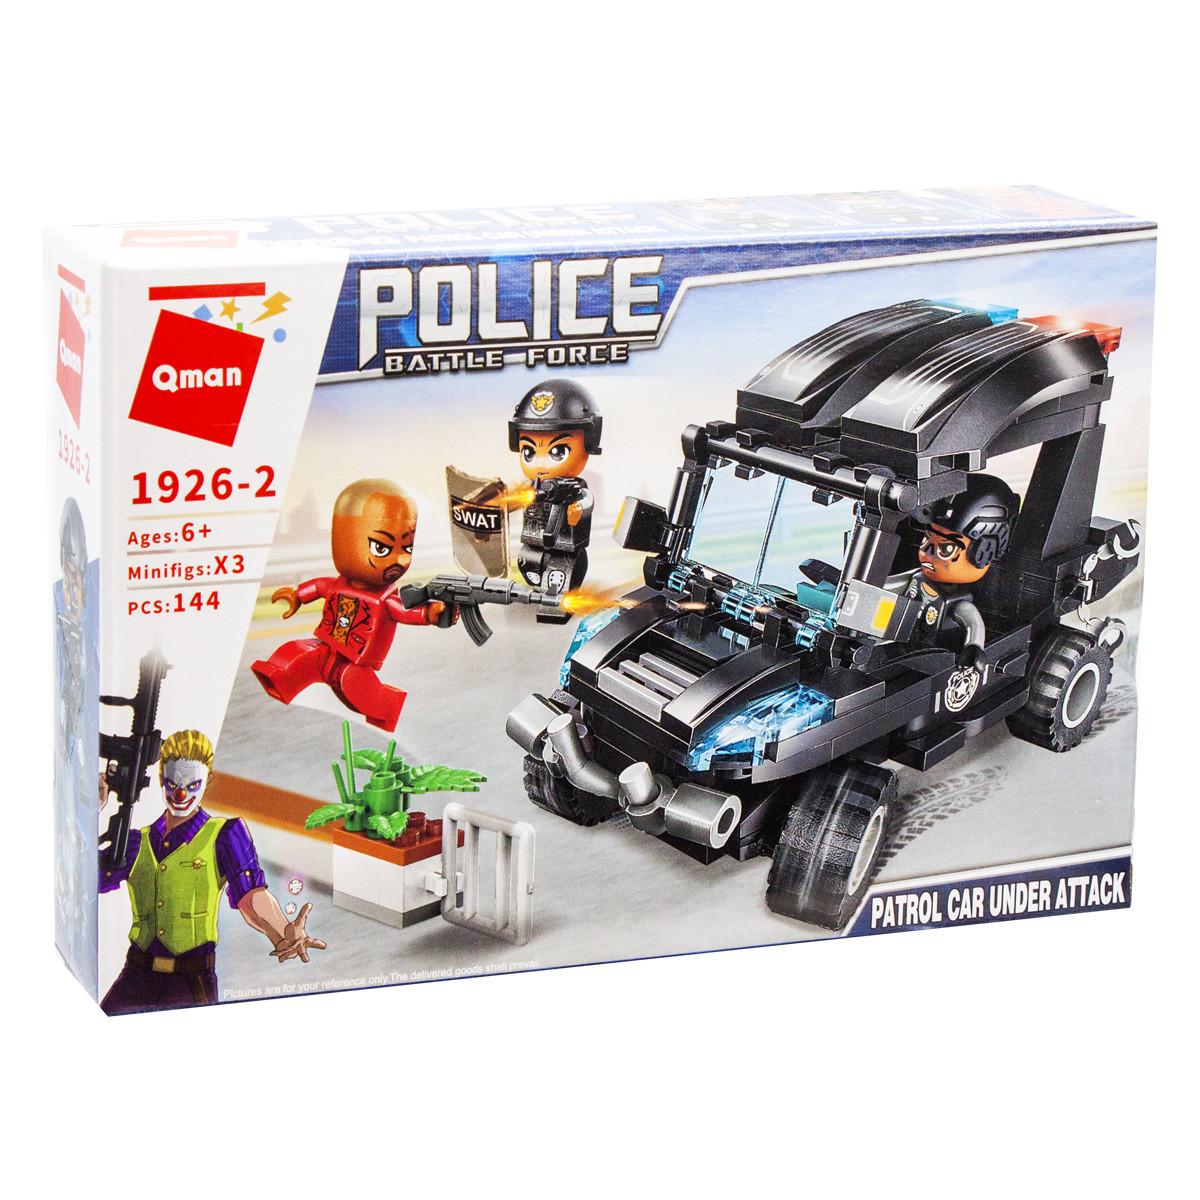 Конструктор Полиция: Нападение на патрульную машину, 144 детали